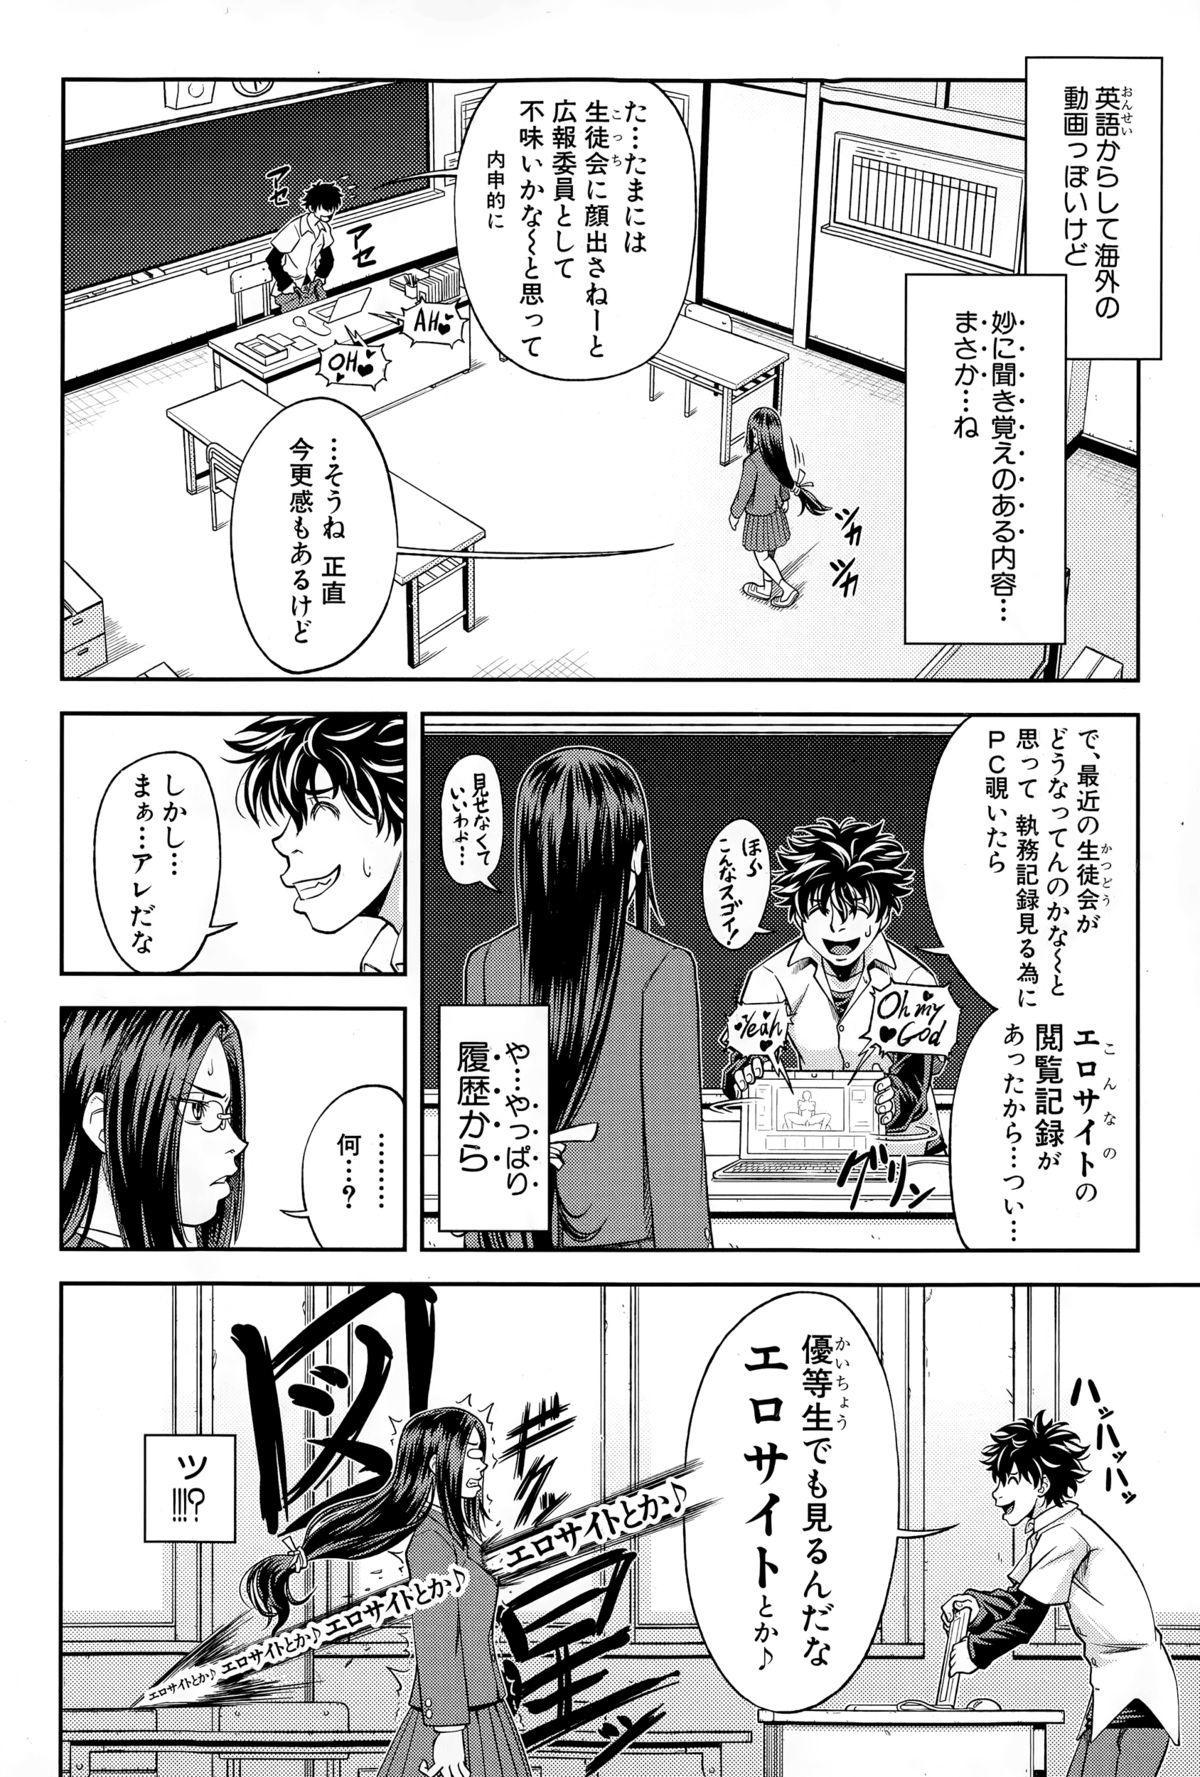 Yuutou sei wa Dekirundesu Ch. 1-2 3